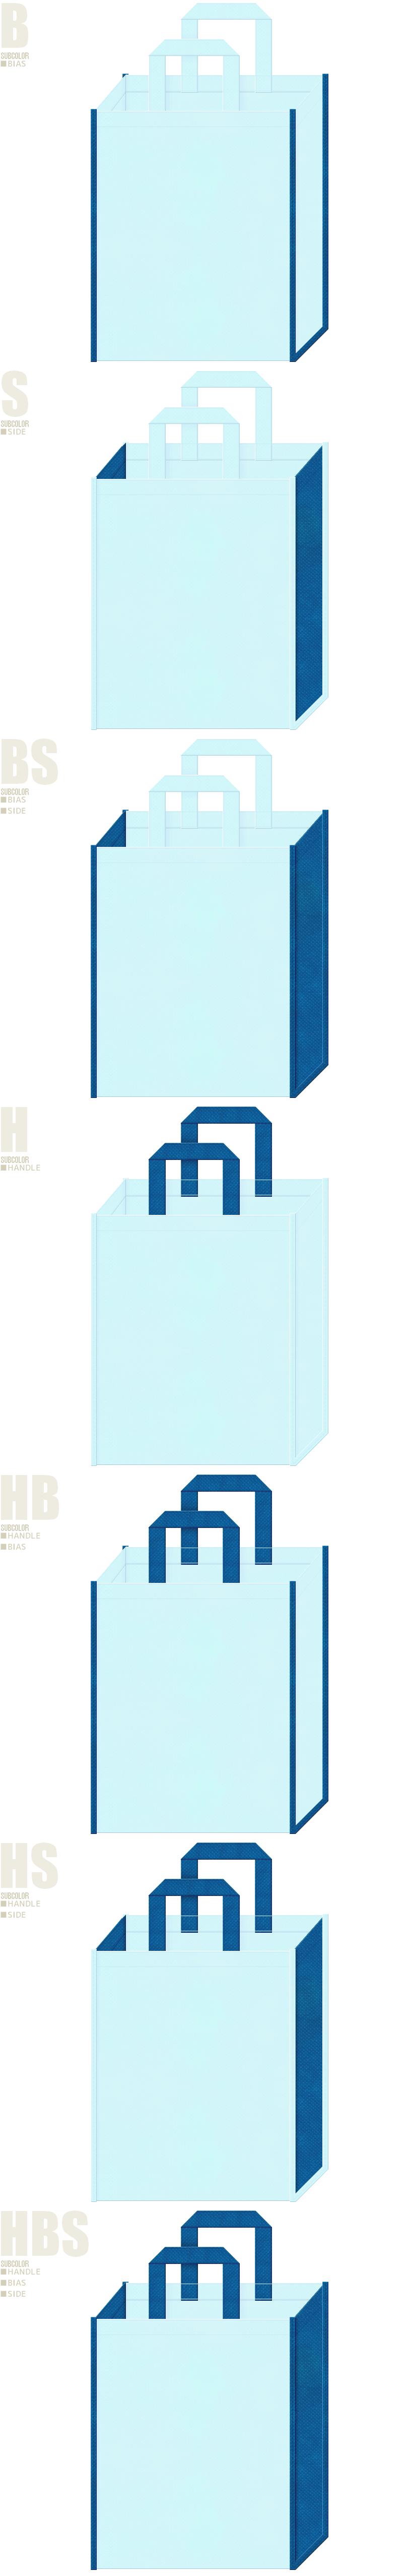 ビーチ用品・水族館・水素・人工知能・水と環境・水資源・CO2削減・環境セミナー・環境イベントにお奨めの不織布バッグデザイン:水色と青色の配色7パターン